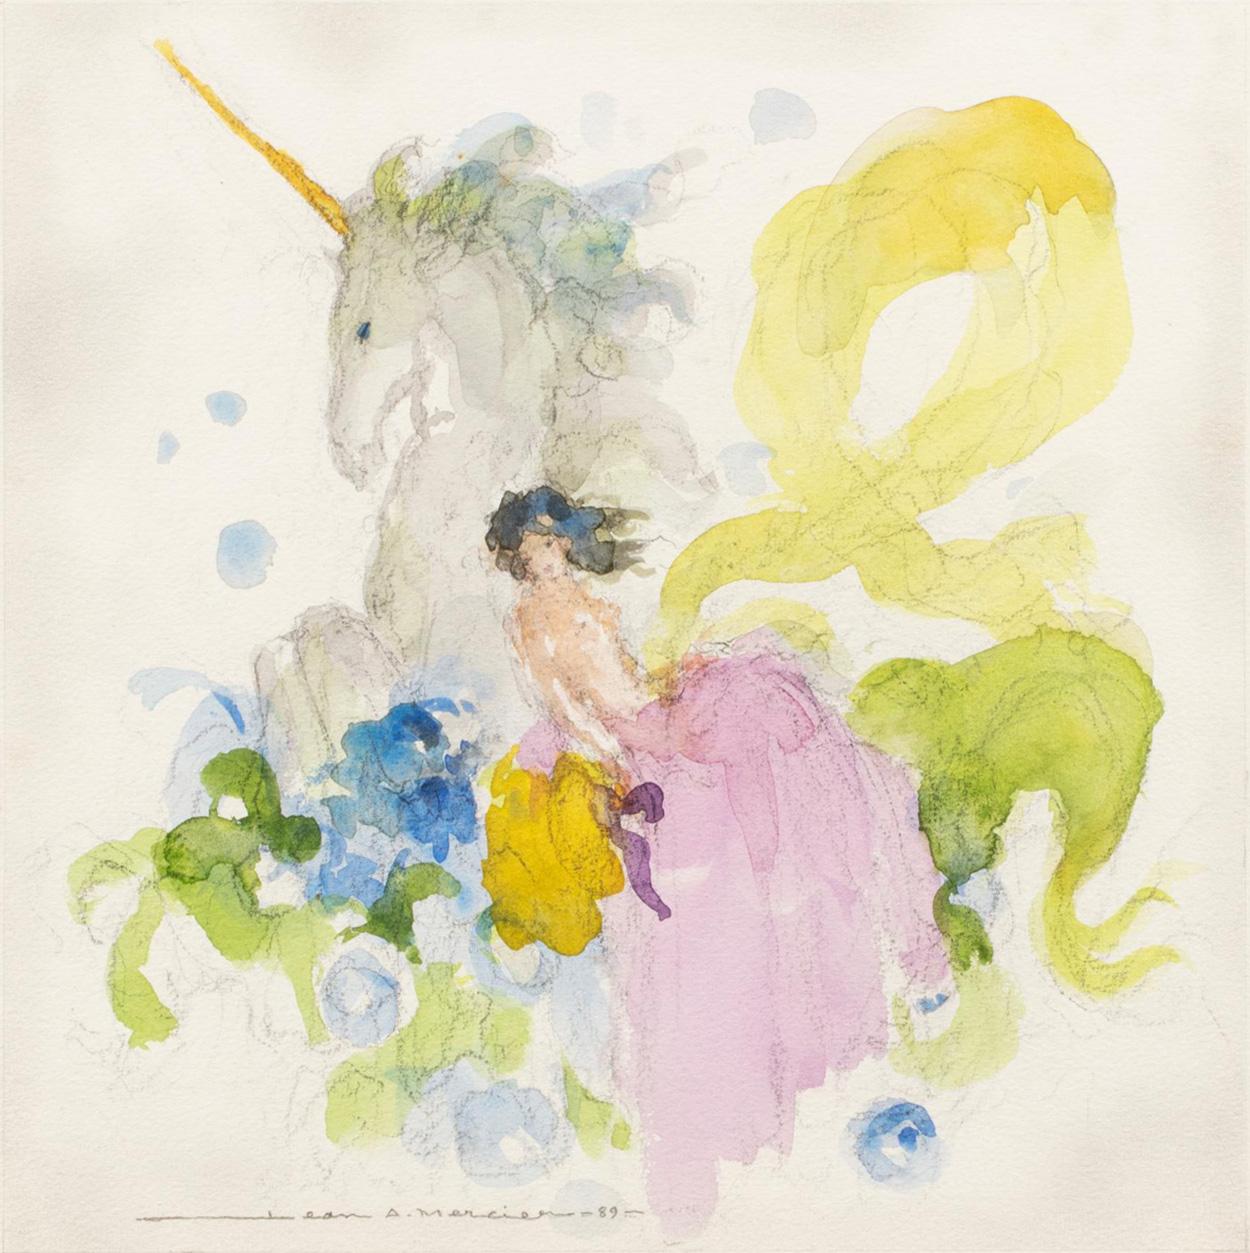 494€ Jean-Adrien Mercier (1899-1995), Femme à la licorne, 1989, aquarelle et traits de crayon, 29,5x29,5cm. Paris, salleV.V., 21octo